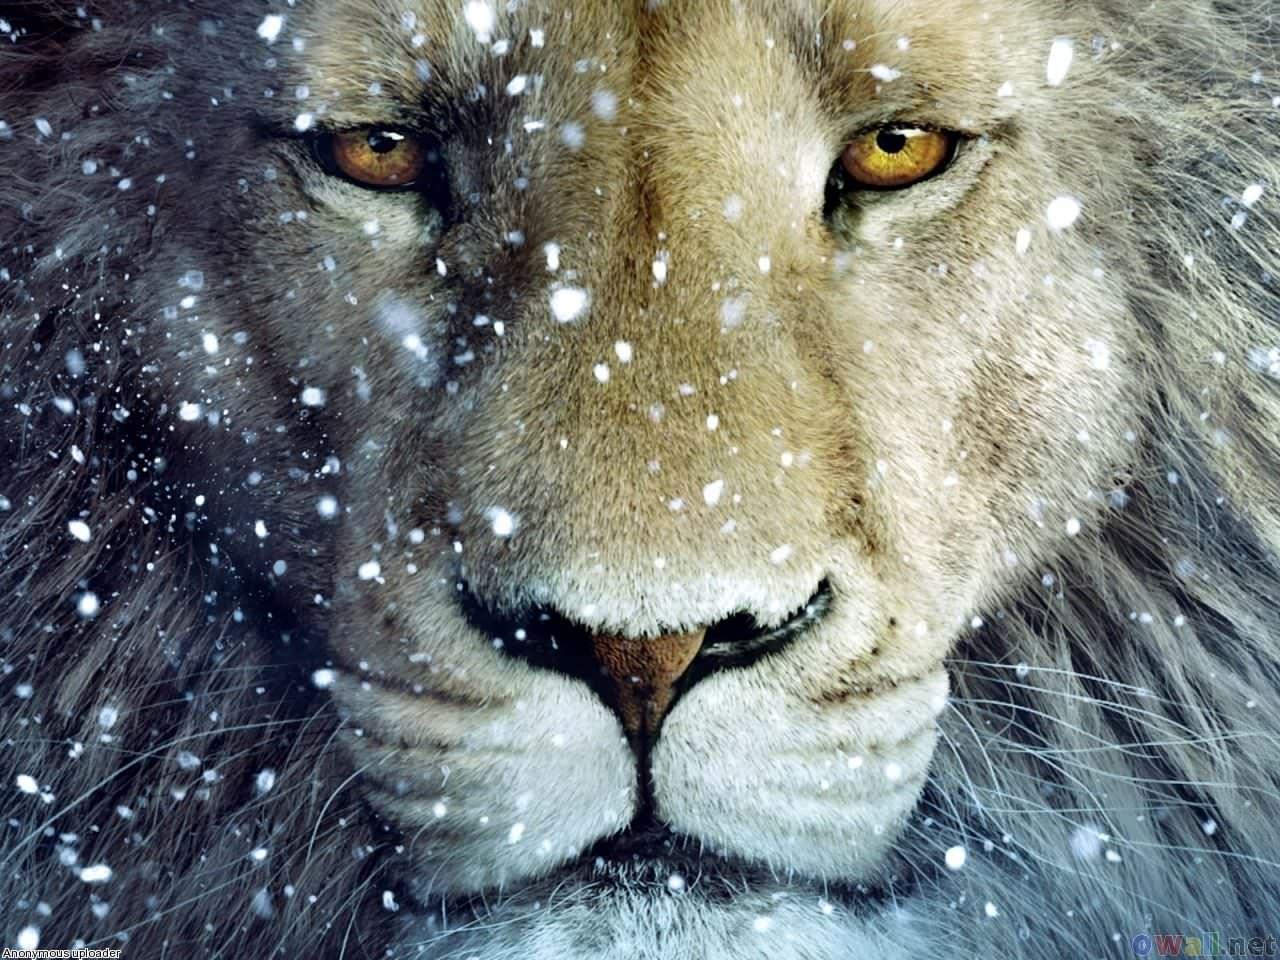 Magnificent Lion Wallpaper